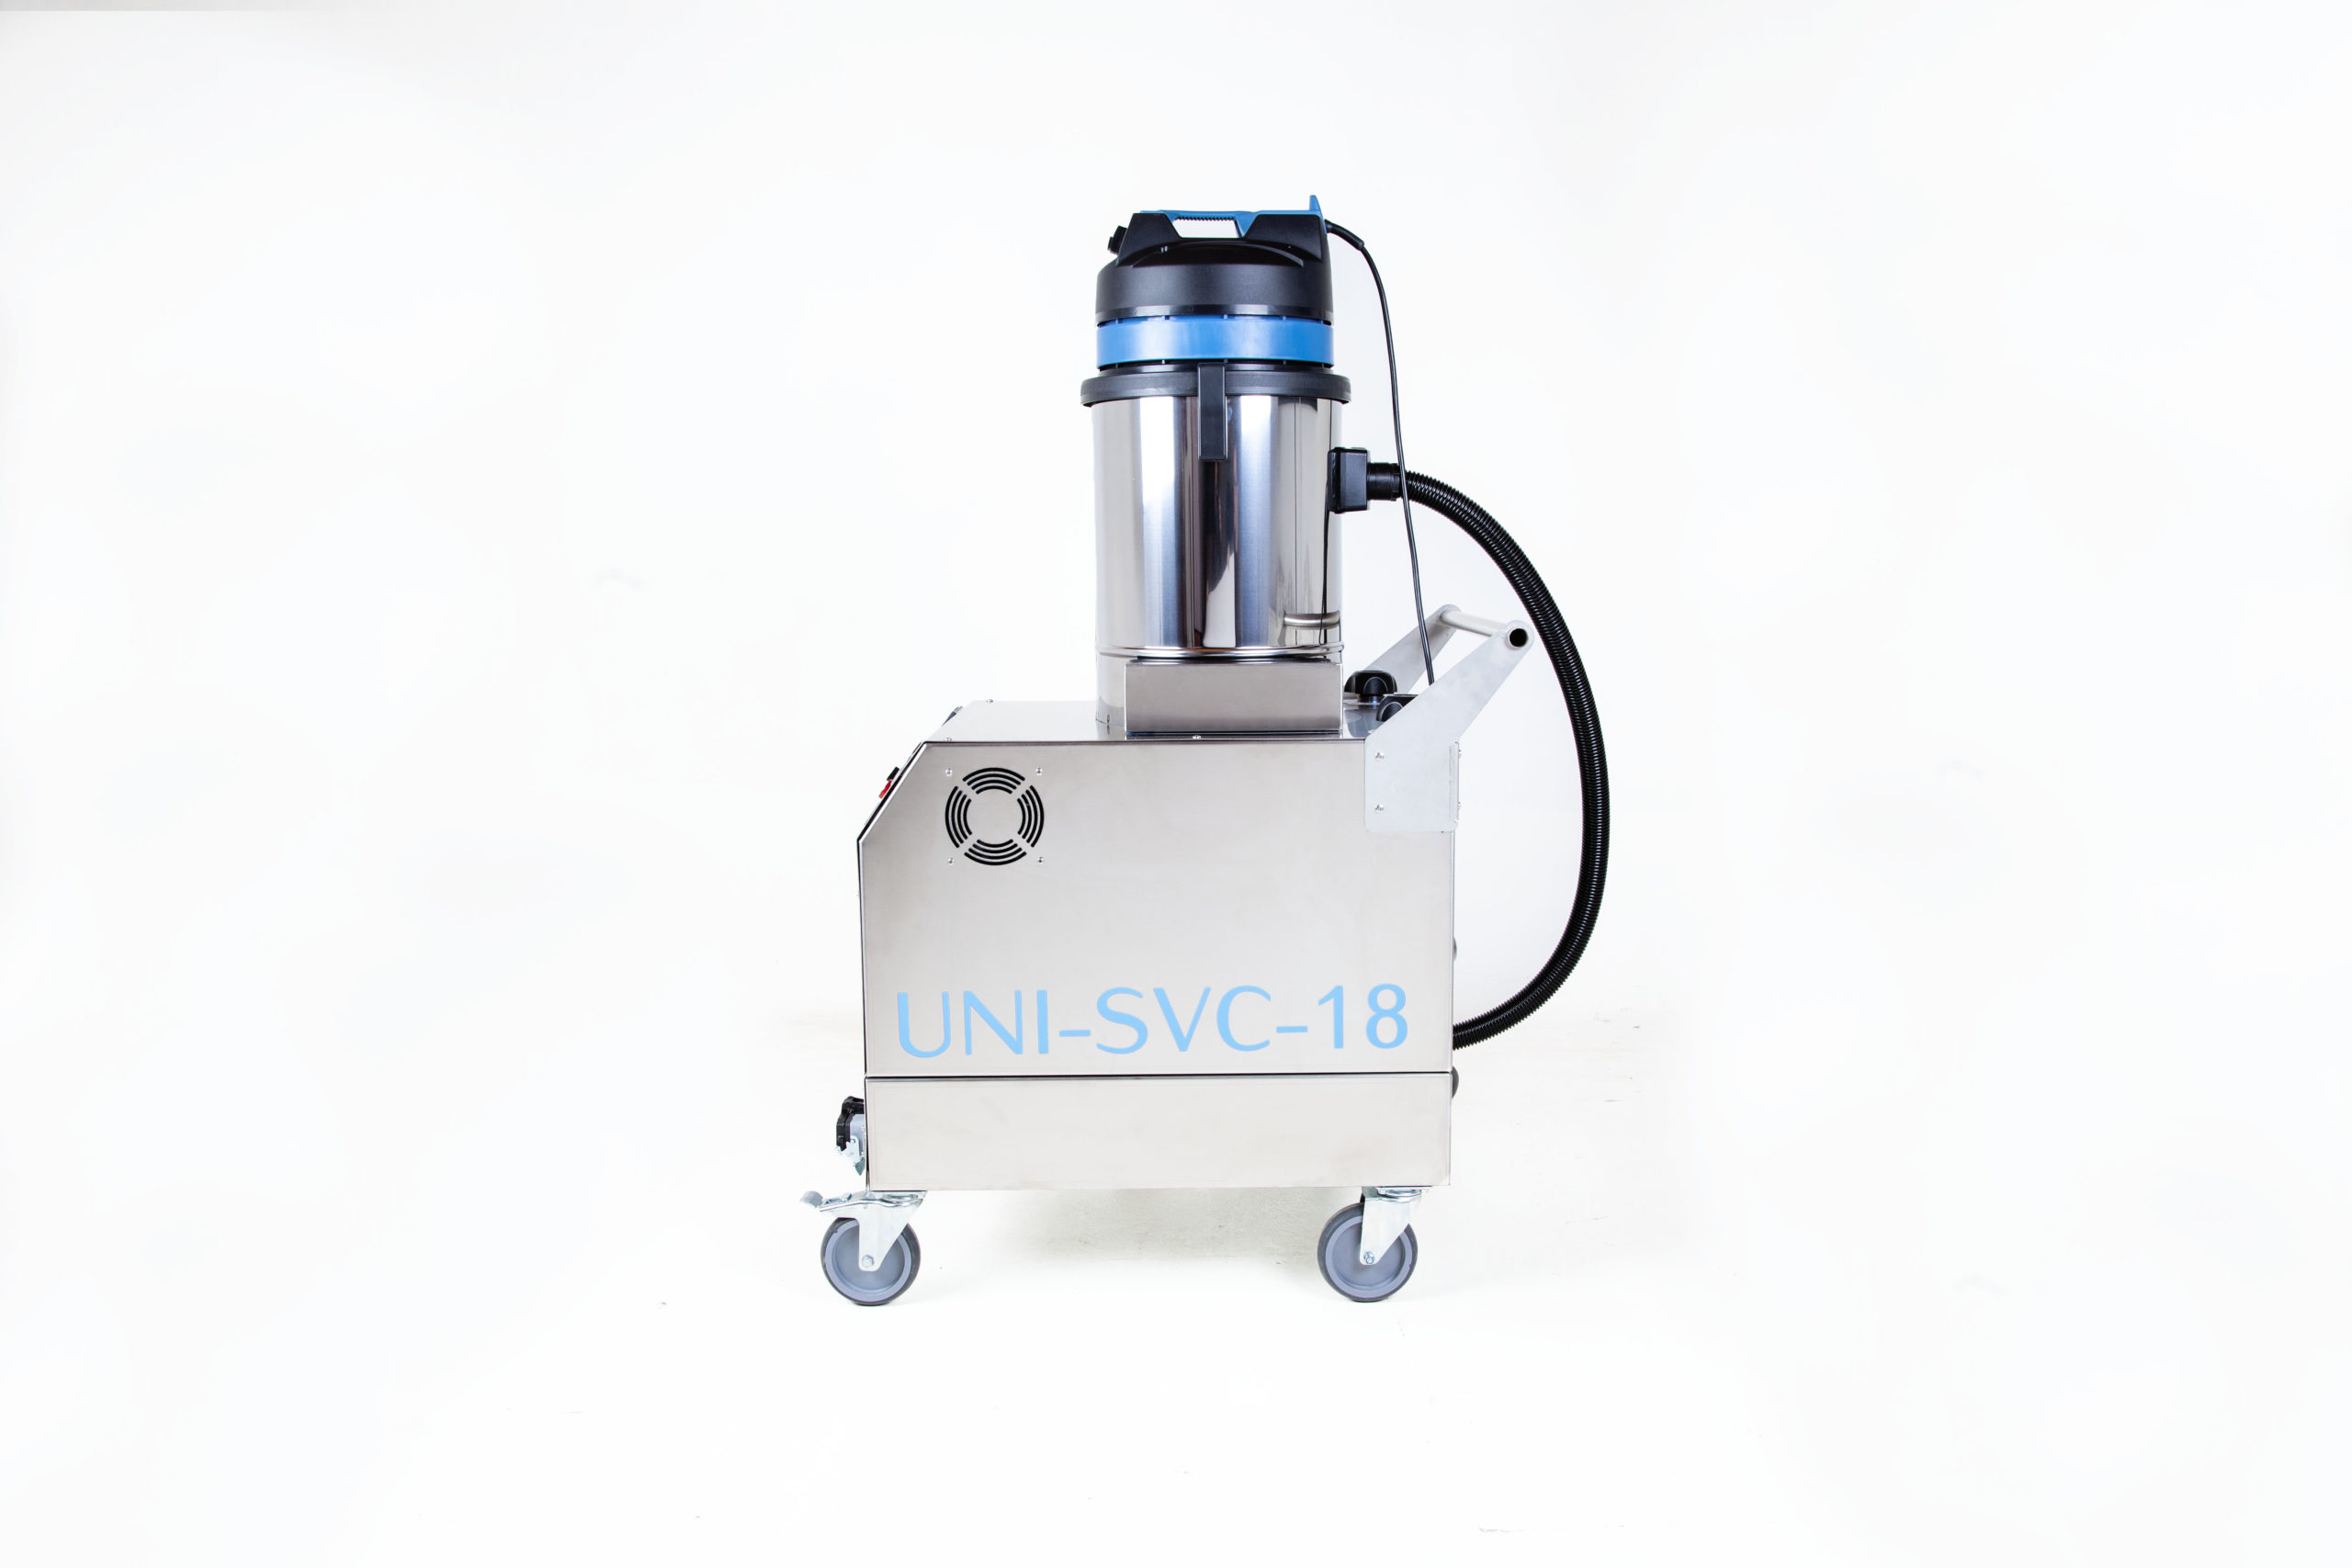 Uni SVC 9-18 Buharlı Temizlik Makinesi Sol Yan Görünüm